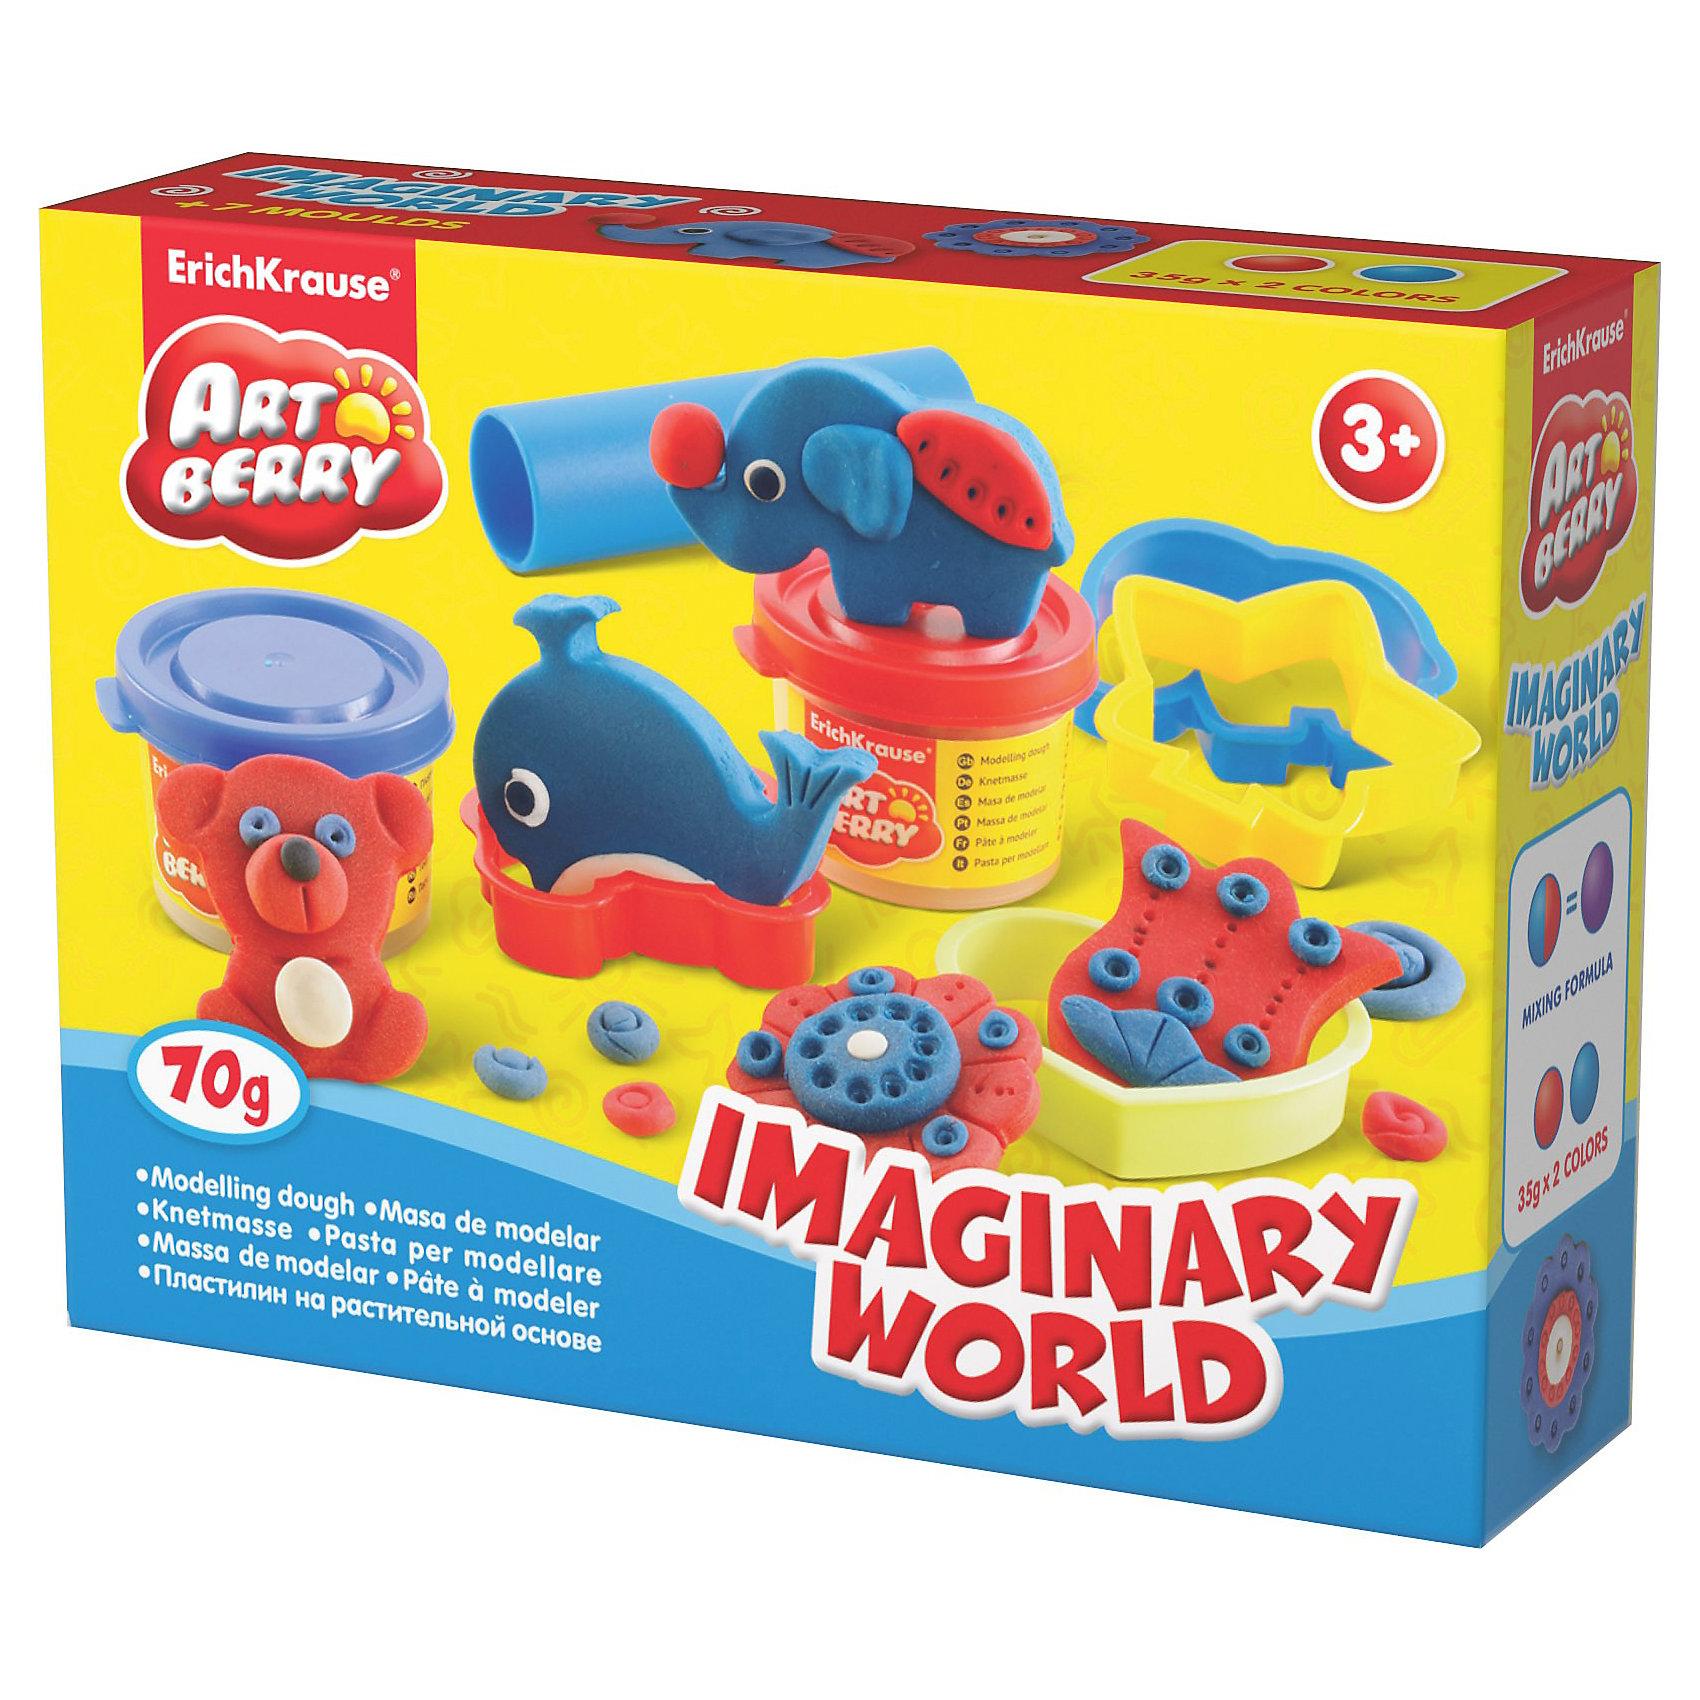 Игровой набор Imaginary World, Artberry, 2 цвЛепка<br>Пластилин на растительной основе Imaginary World, 2 цв  от Erich Krause (Эрих Краузе) абсолютно безопасен для Вашего малыша!<br><br>Дополнительная информация:<br><br>Состав: 2 цвета пластилина по 35 г + 4 формочки, скалка, стек, шприц.<br>Упаковка: картонная коробка в термоплёнке<br><br>Ширина мм: 160<br>Глубина мм: 40<br>Высота мм: 115<br>Вес г: 176<br>Возраст от месяцев: 36<br>Возраст до месяцев: 144<br>Пол: Унисекс<br>Возраст: Детский<br>SKU: 3293865